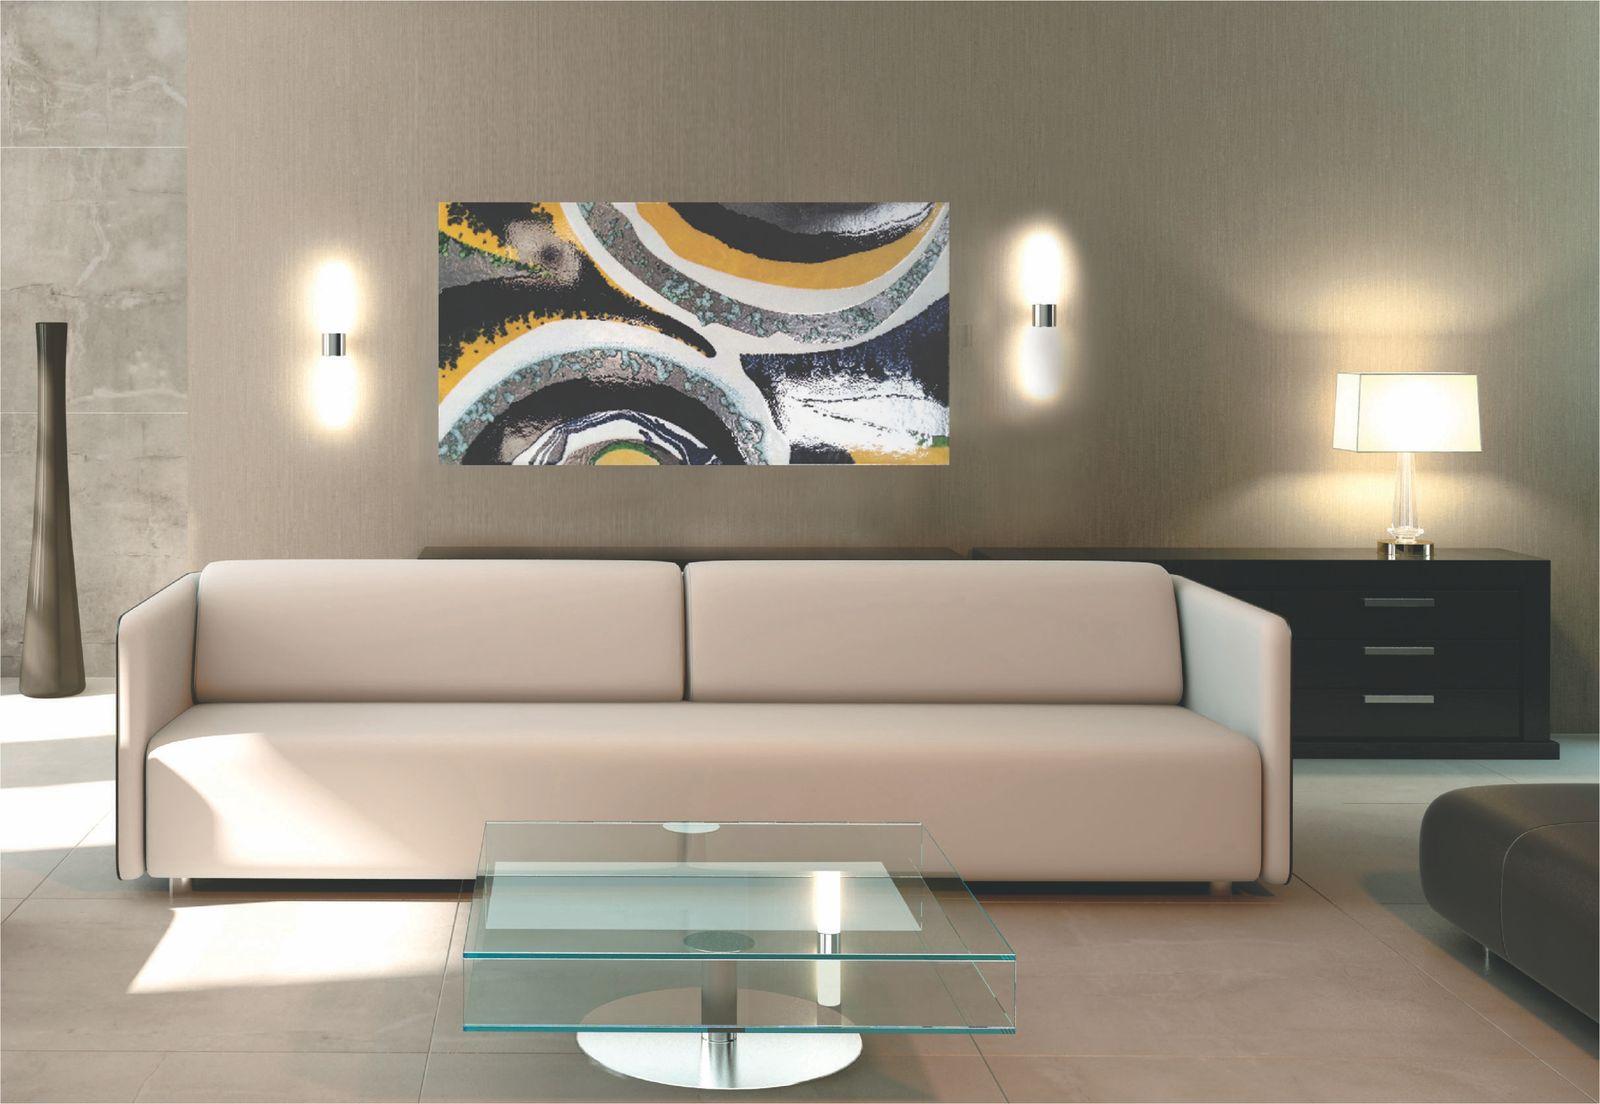 jazz rainbows 60x120 cm layout result